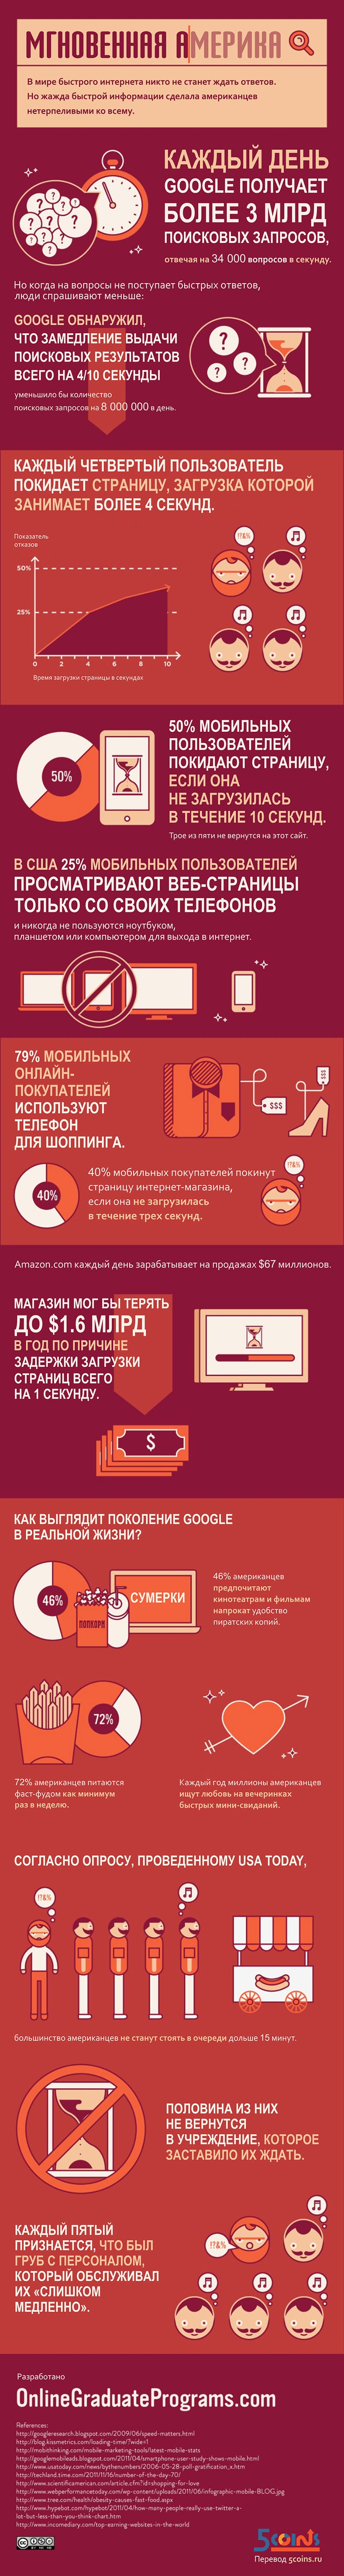 Инфографика о том, как скорость работы вашего интернет сервиса влияет на поведение пользователей. А также о том, как привычка к быстрому интернету меняет наше поведение в реальной жизни.#инфографика